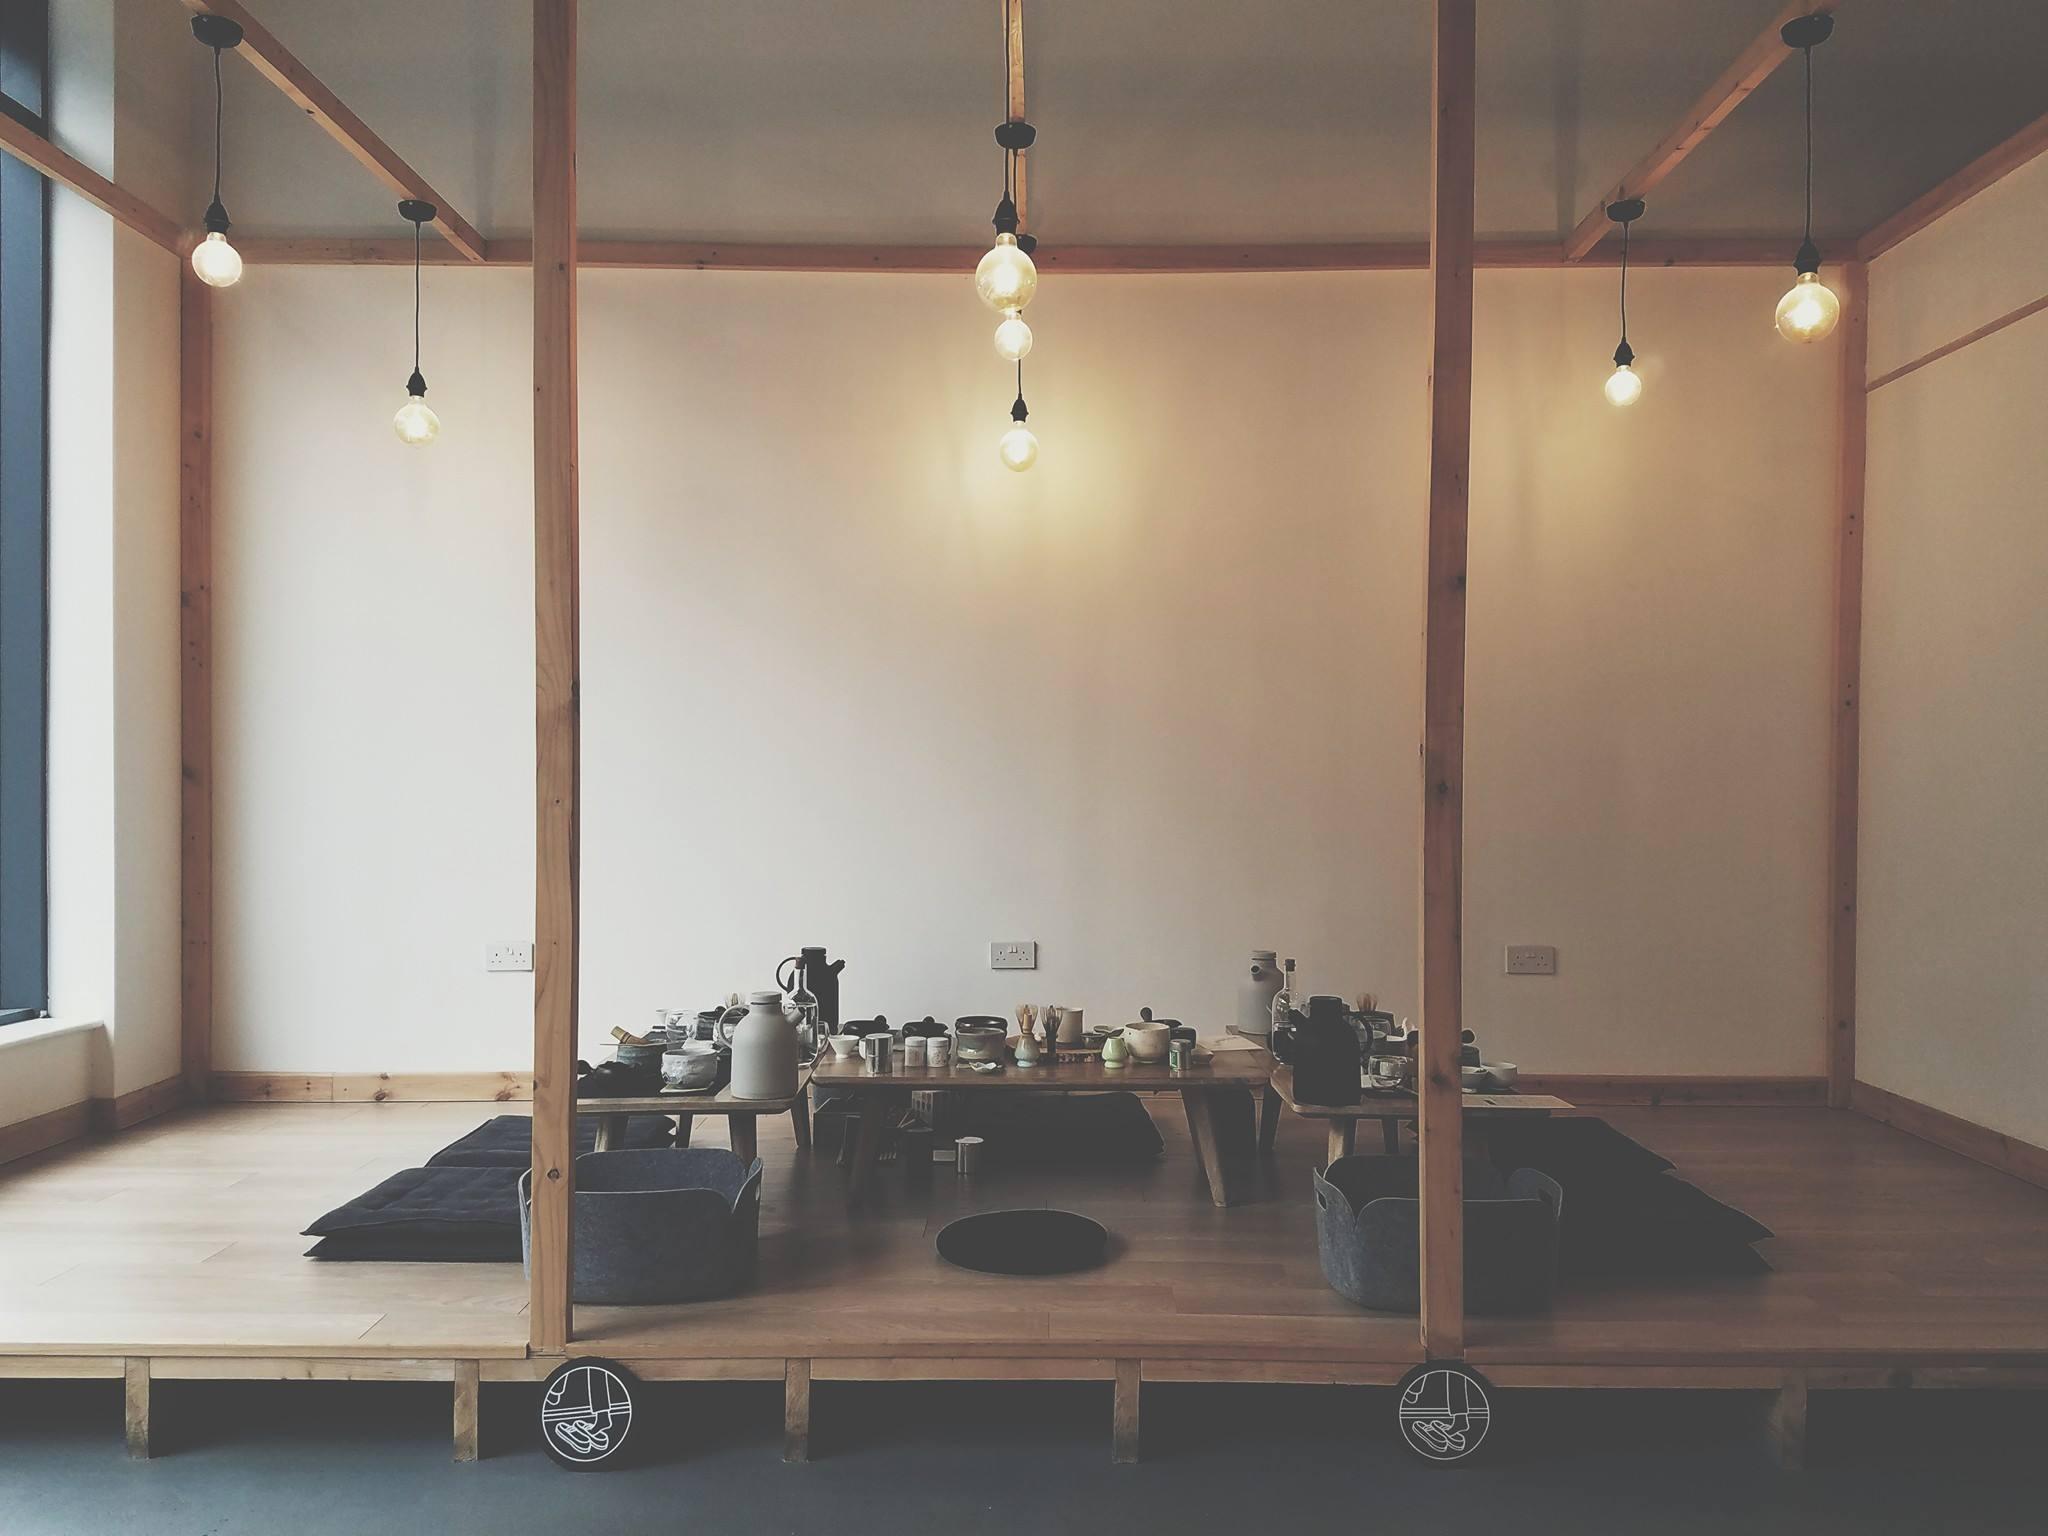 workshop interior.jpg